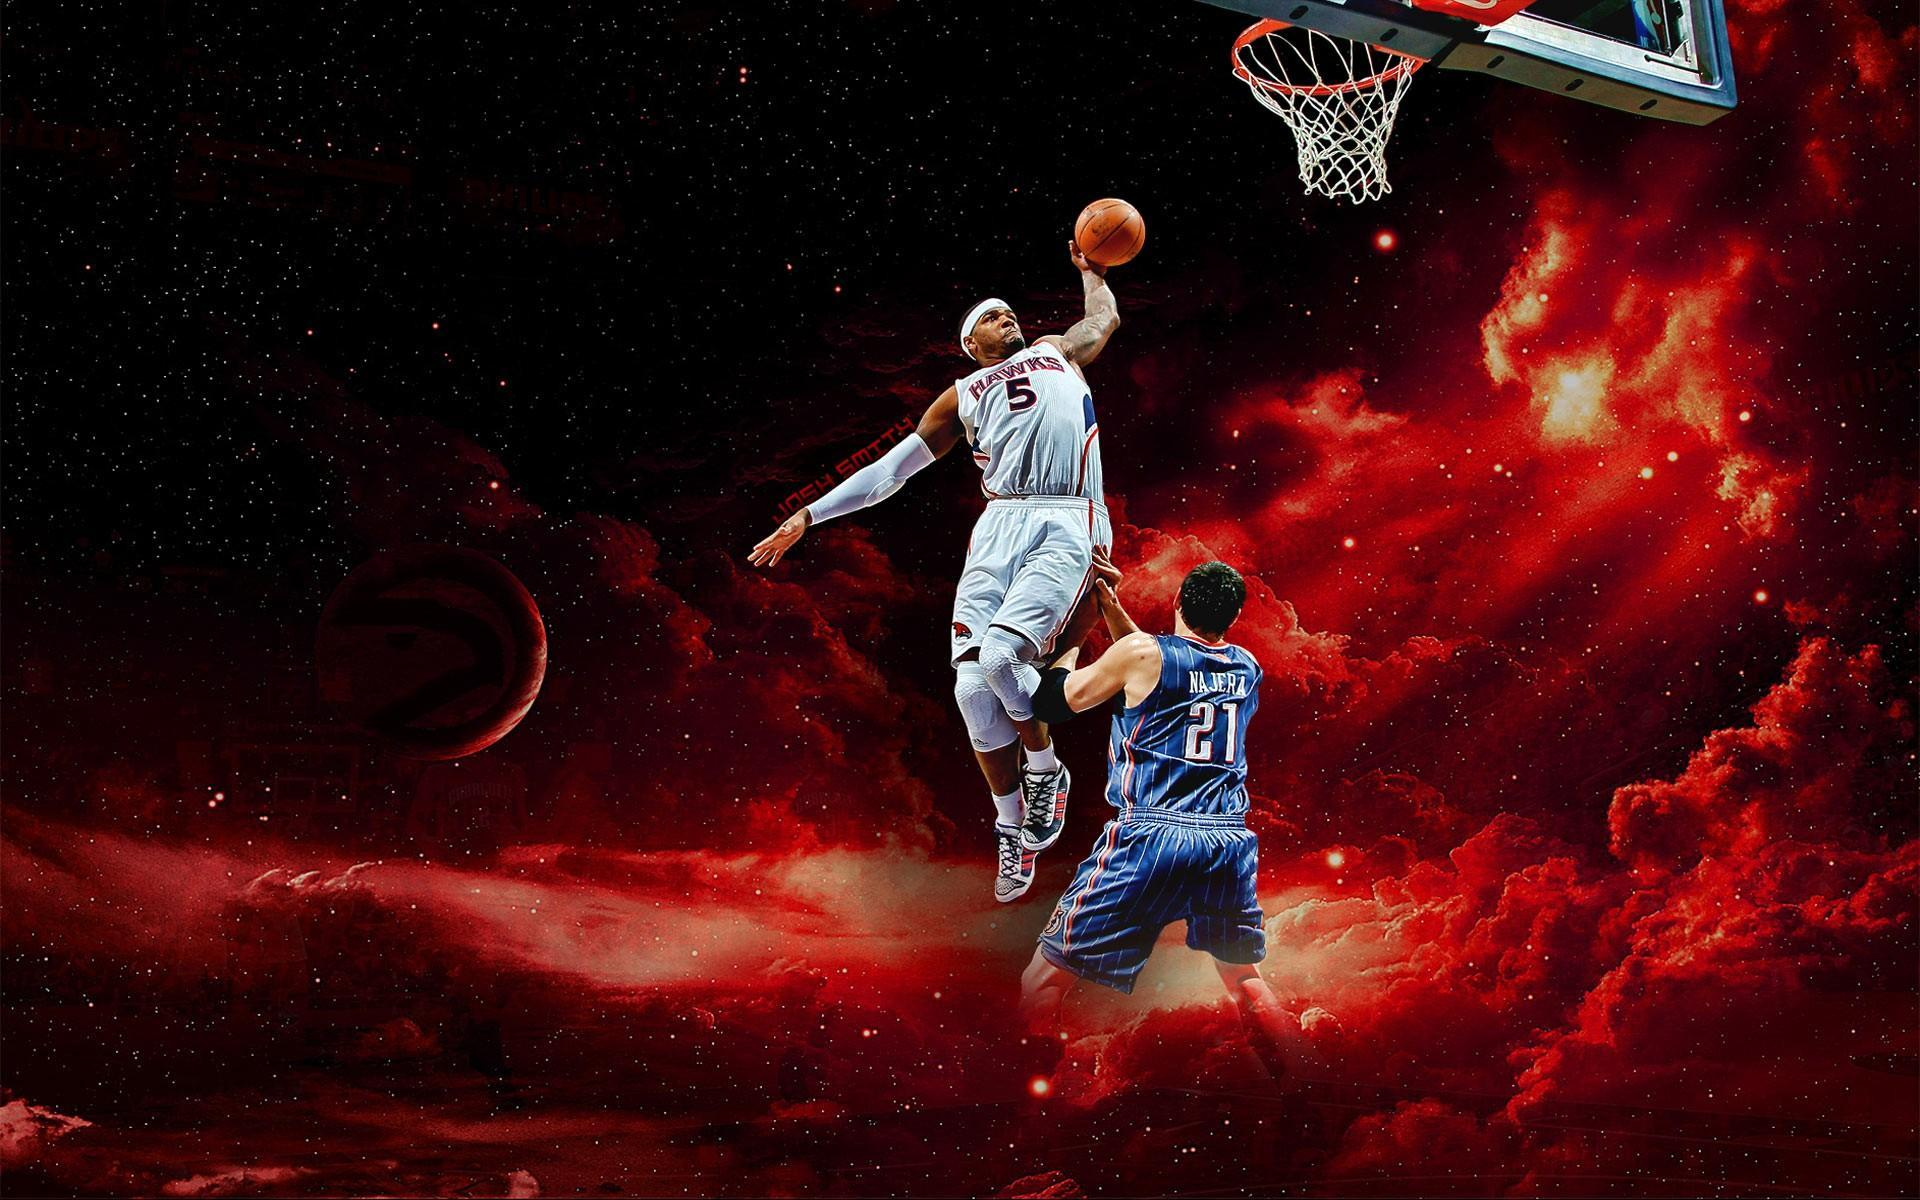 Android 用の バスケットボールの壁紙 Apk をダウンロード